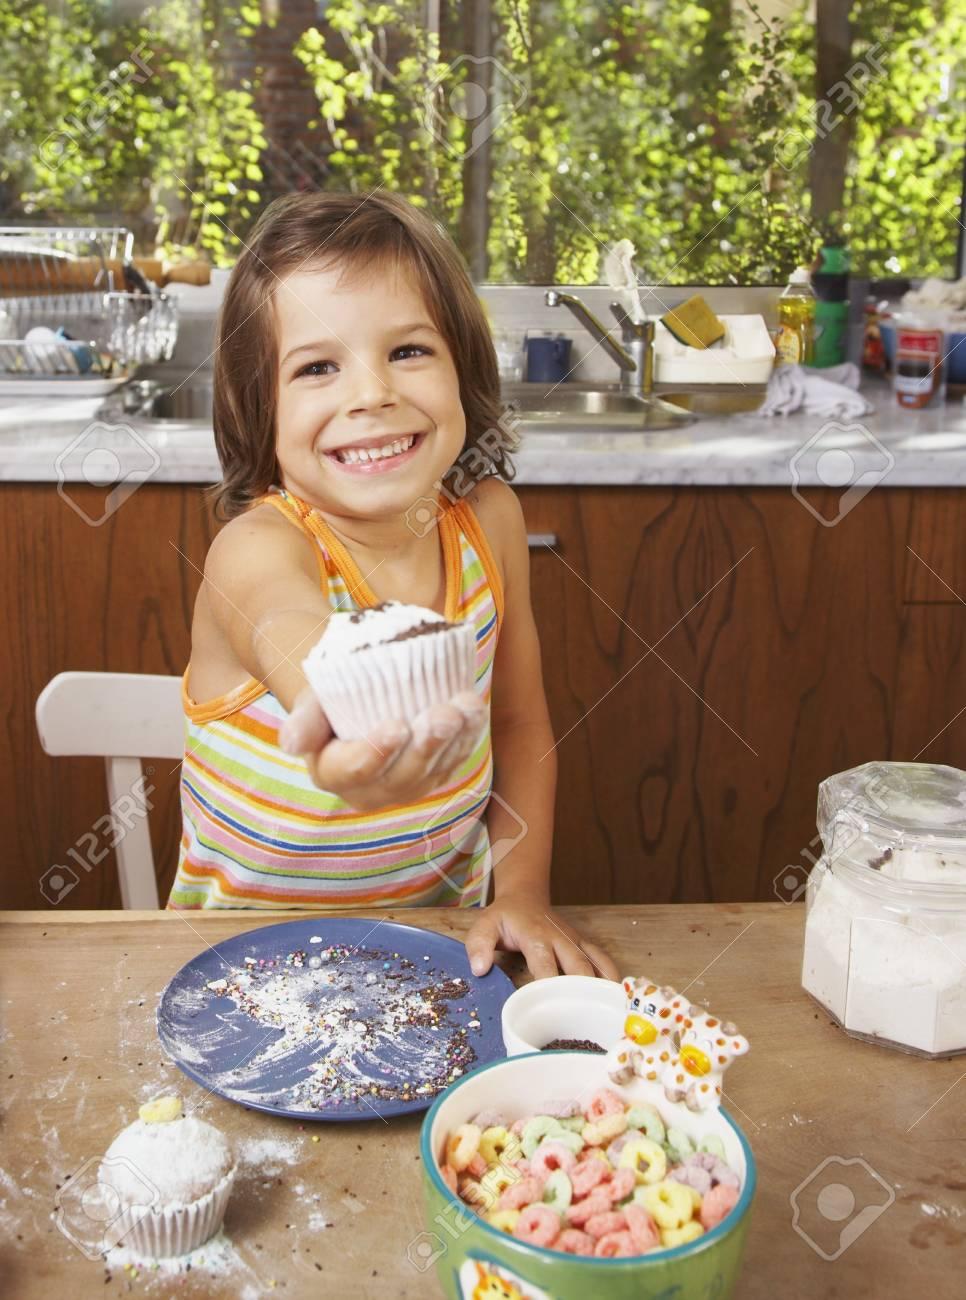 Hispanic girl holding homemade cupcake Stock Photo - 16095759